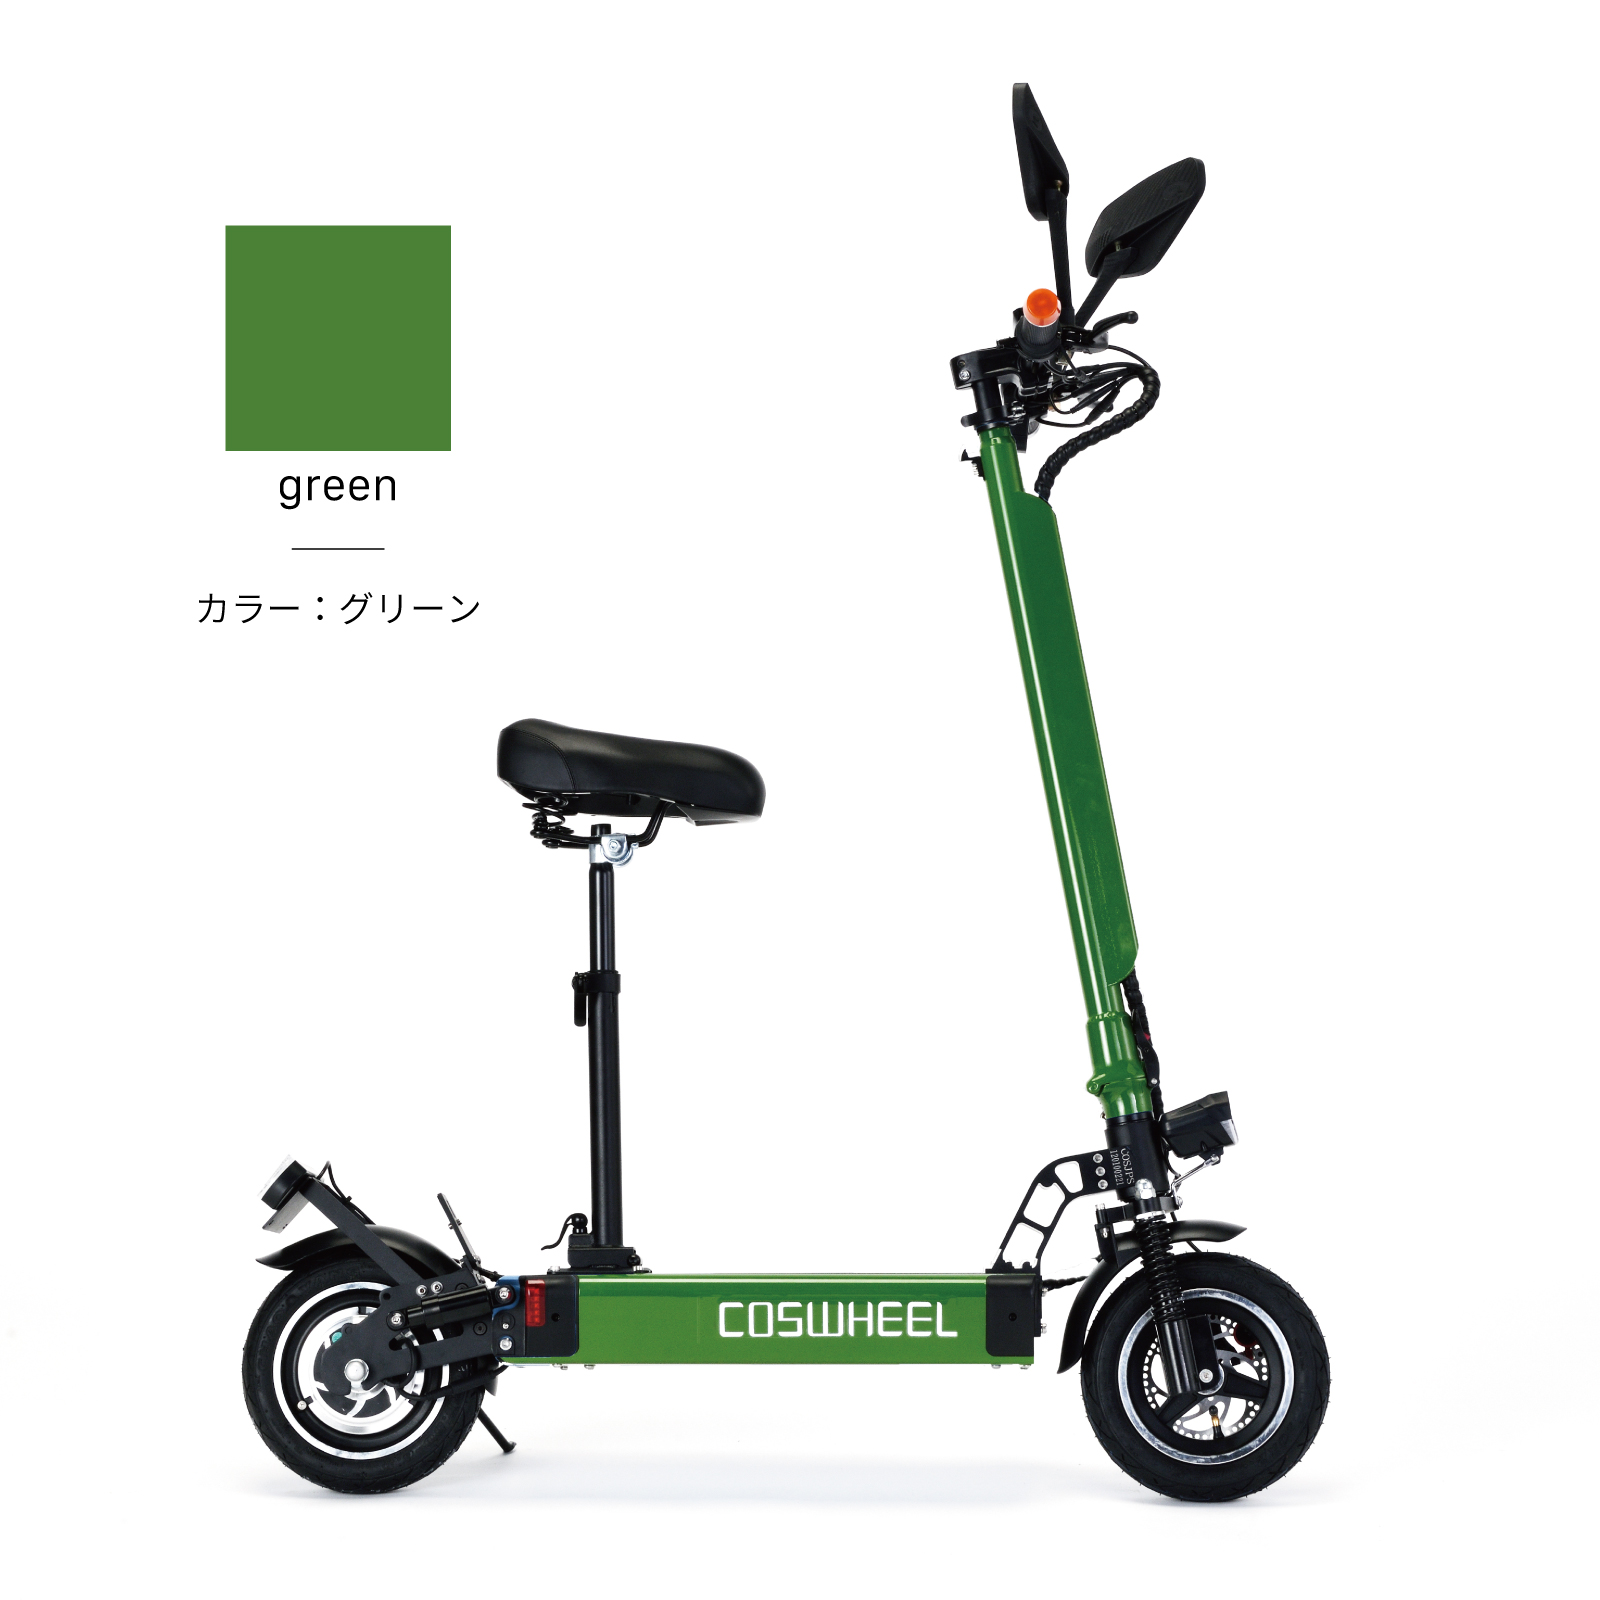 【新発売】次世代型折り畳み式電動キックボード COSWHEEL EV Scooter 公道仕様2WAY乗りEVスクーター 公道走行可 ナンバー取得可能 大容量バッテリー搭載 サドル付け外し可能